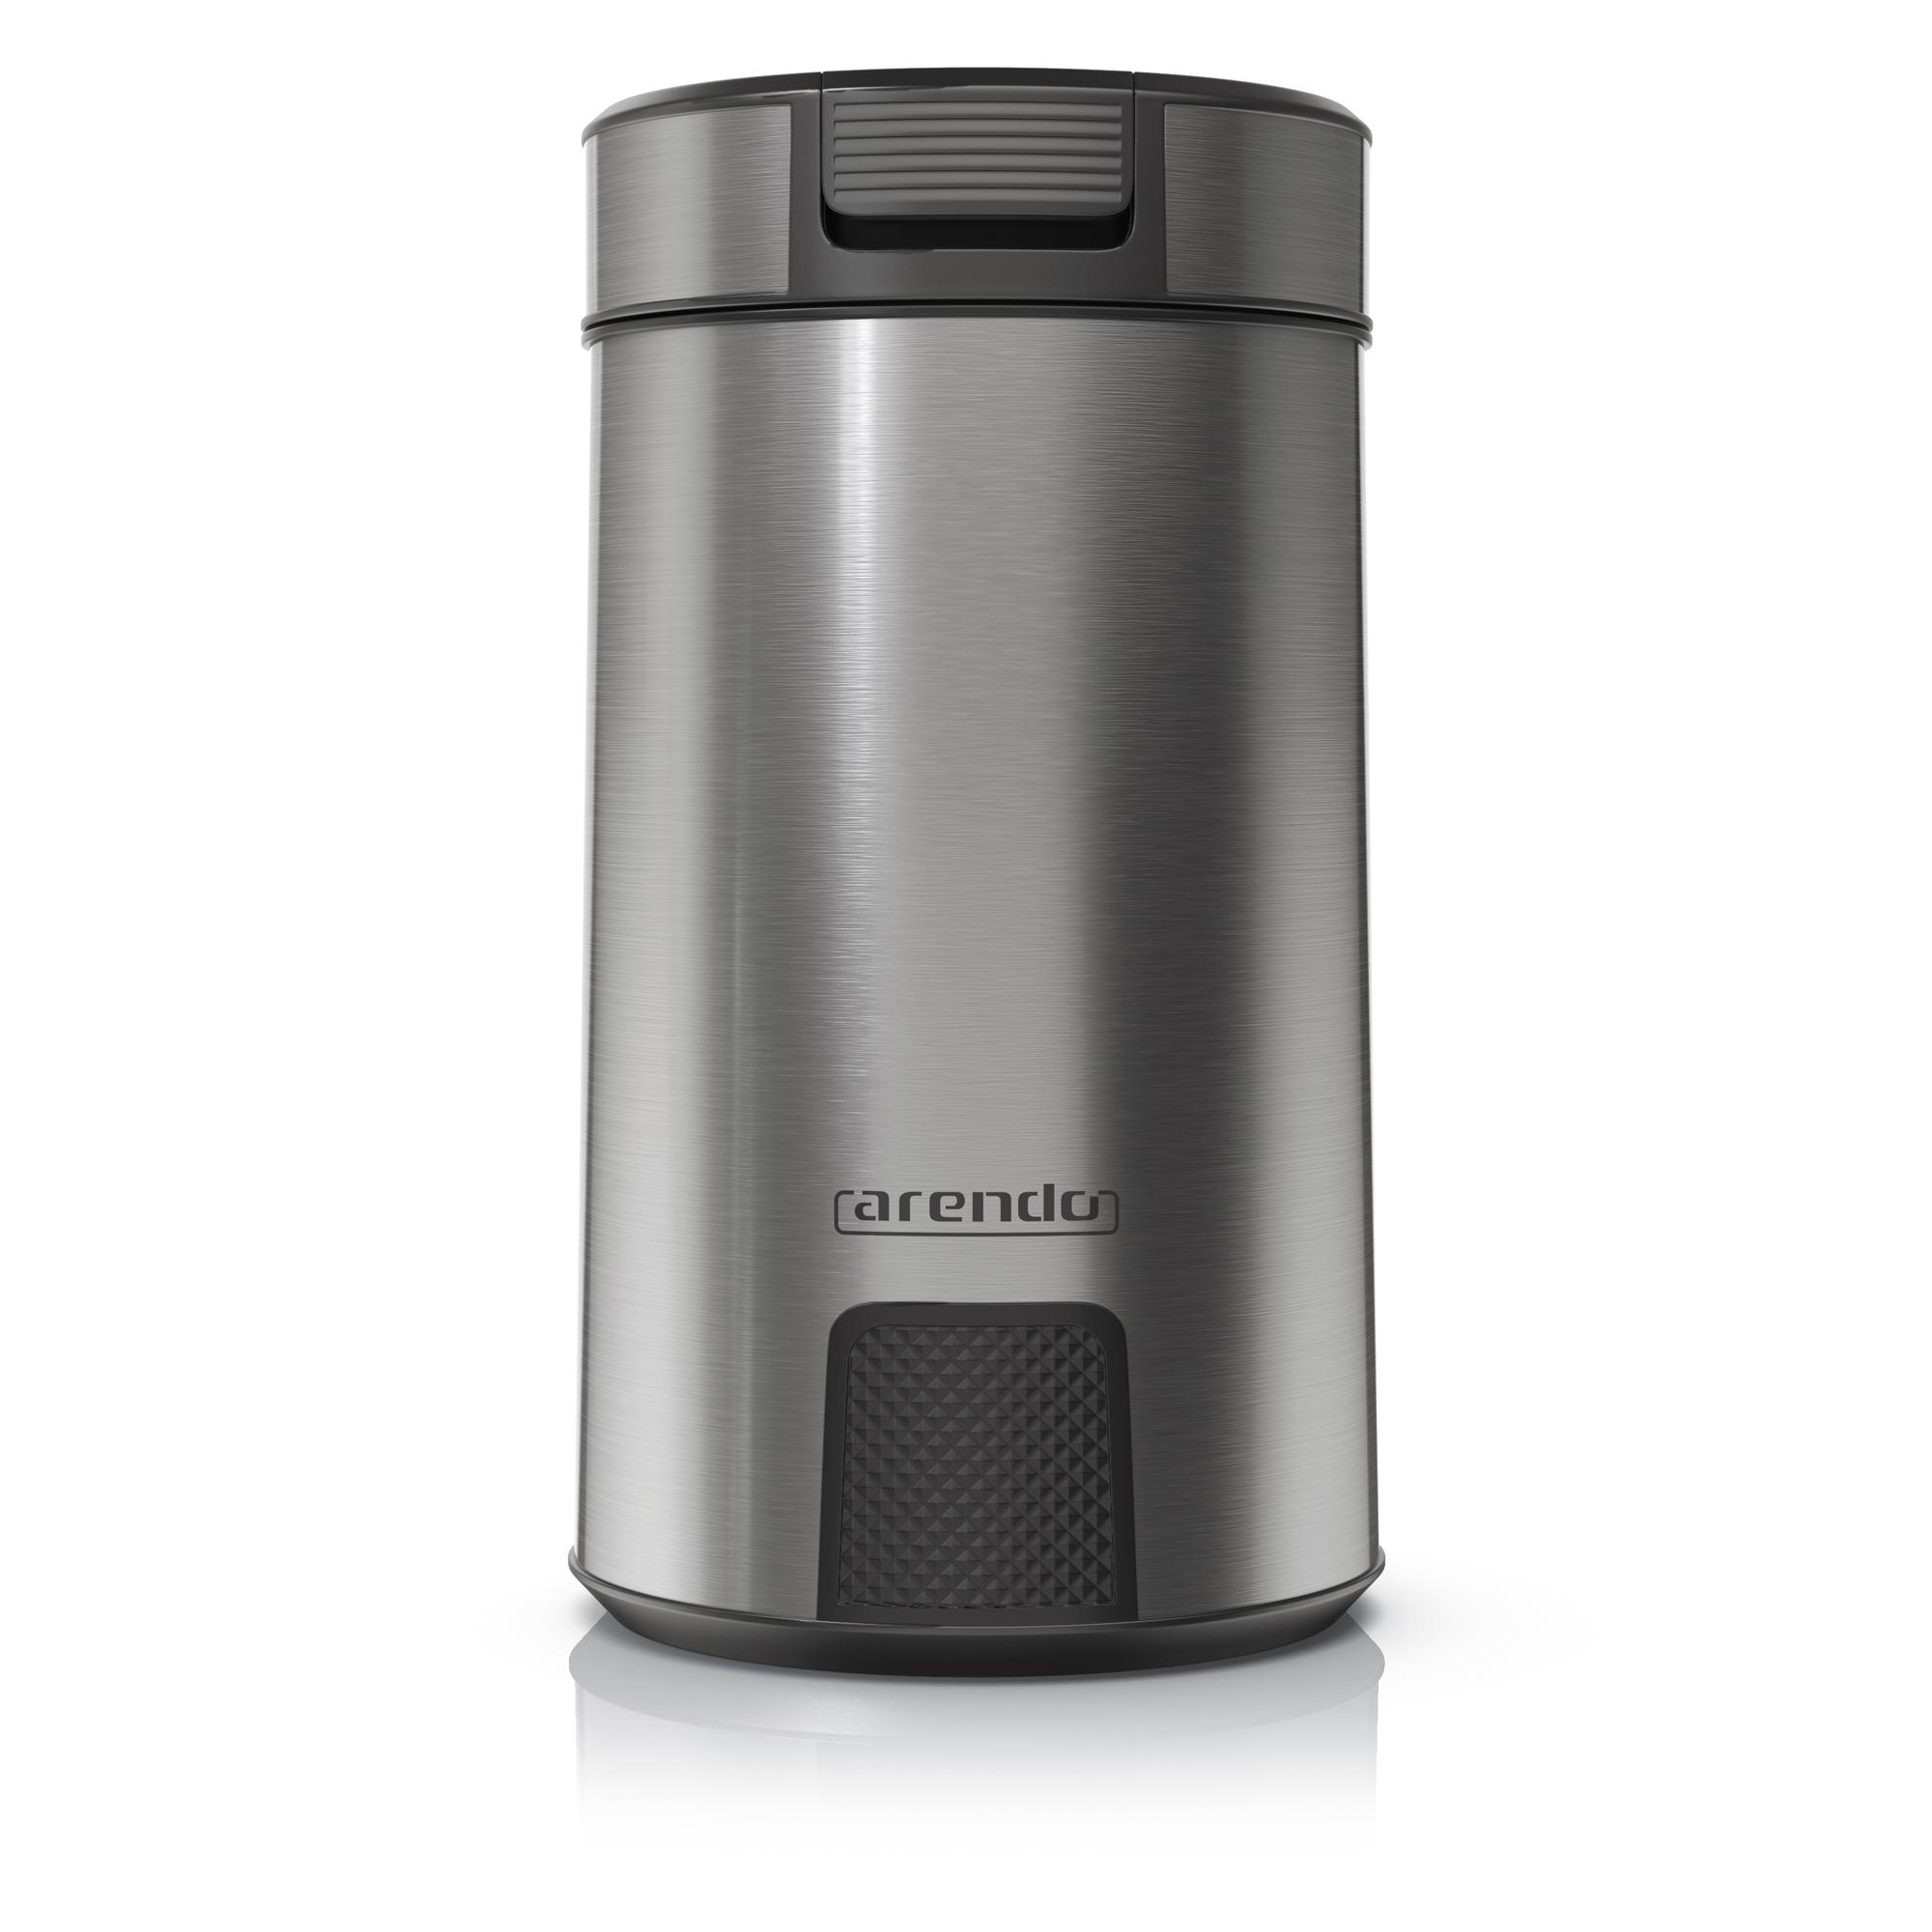 MOSA - EDELSTAHL KAFFEEMÜHLE2-fach EdelstahlmesserEdelstahl Mixbehälter200WSchutzmechanismusMax . 60g FassungsvermögenAnti-Rutsch FüßeMod. Nr.: 303483DIREKT BEI AMAZON KAUFEN